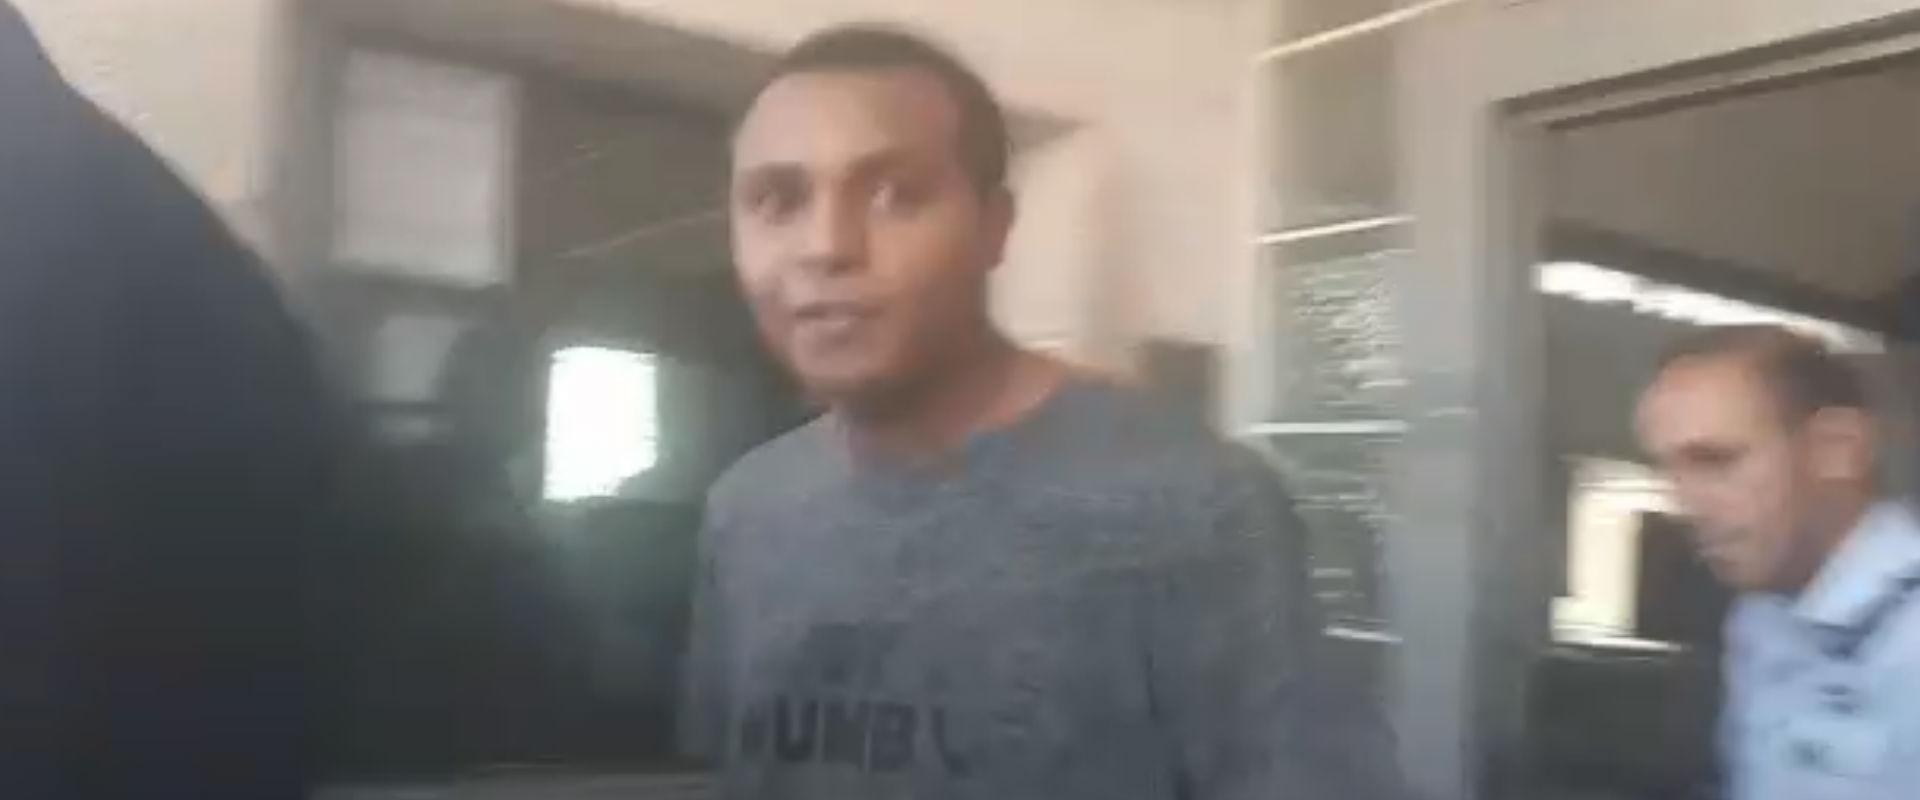 יונתן היילו ברגע שחרורו